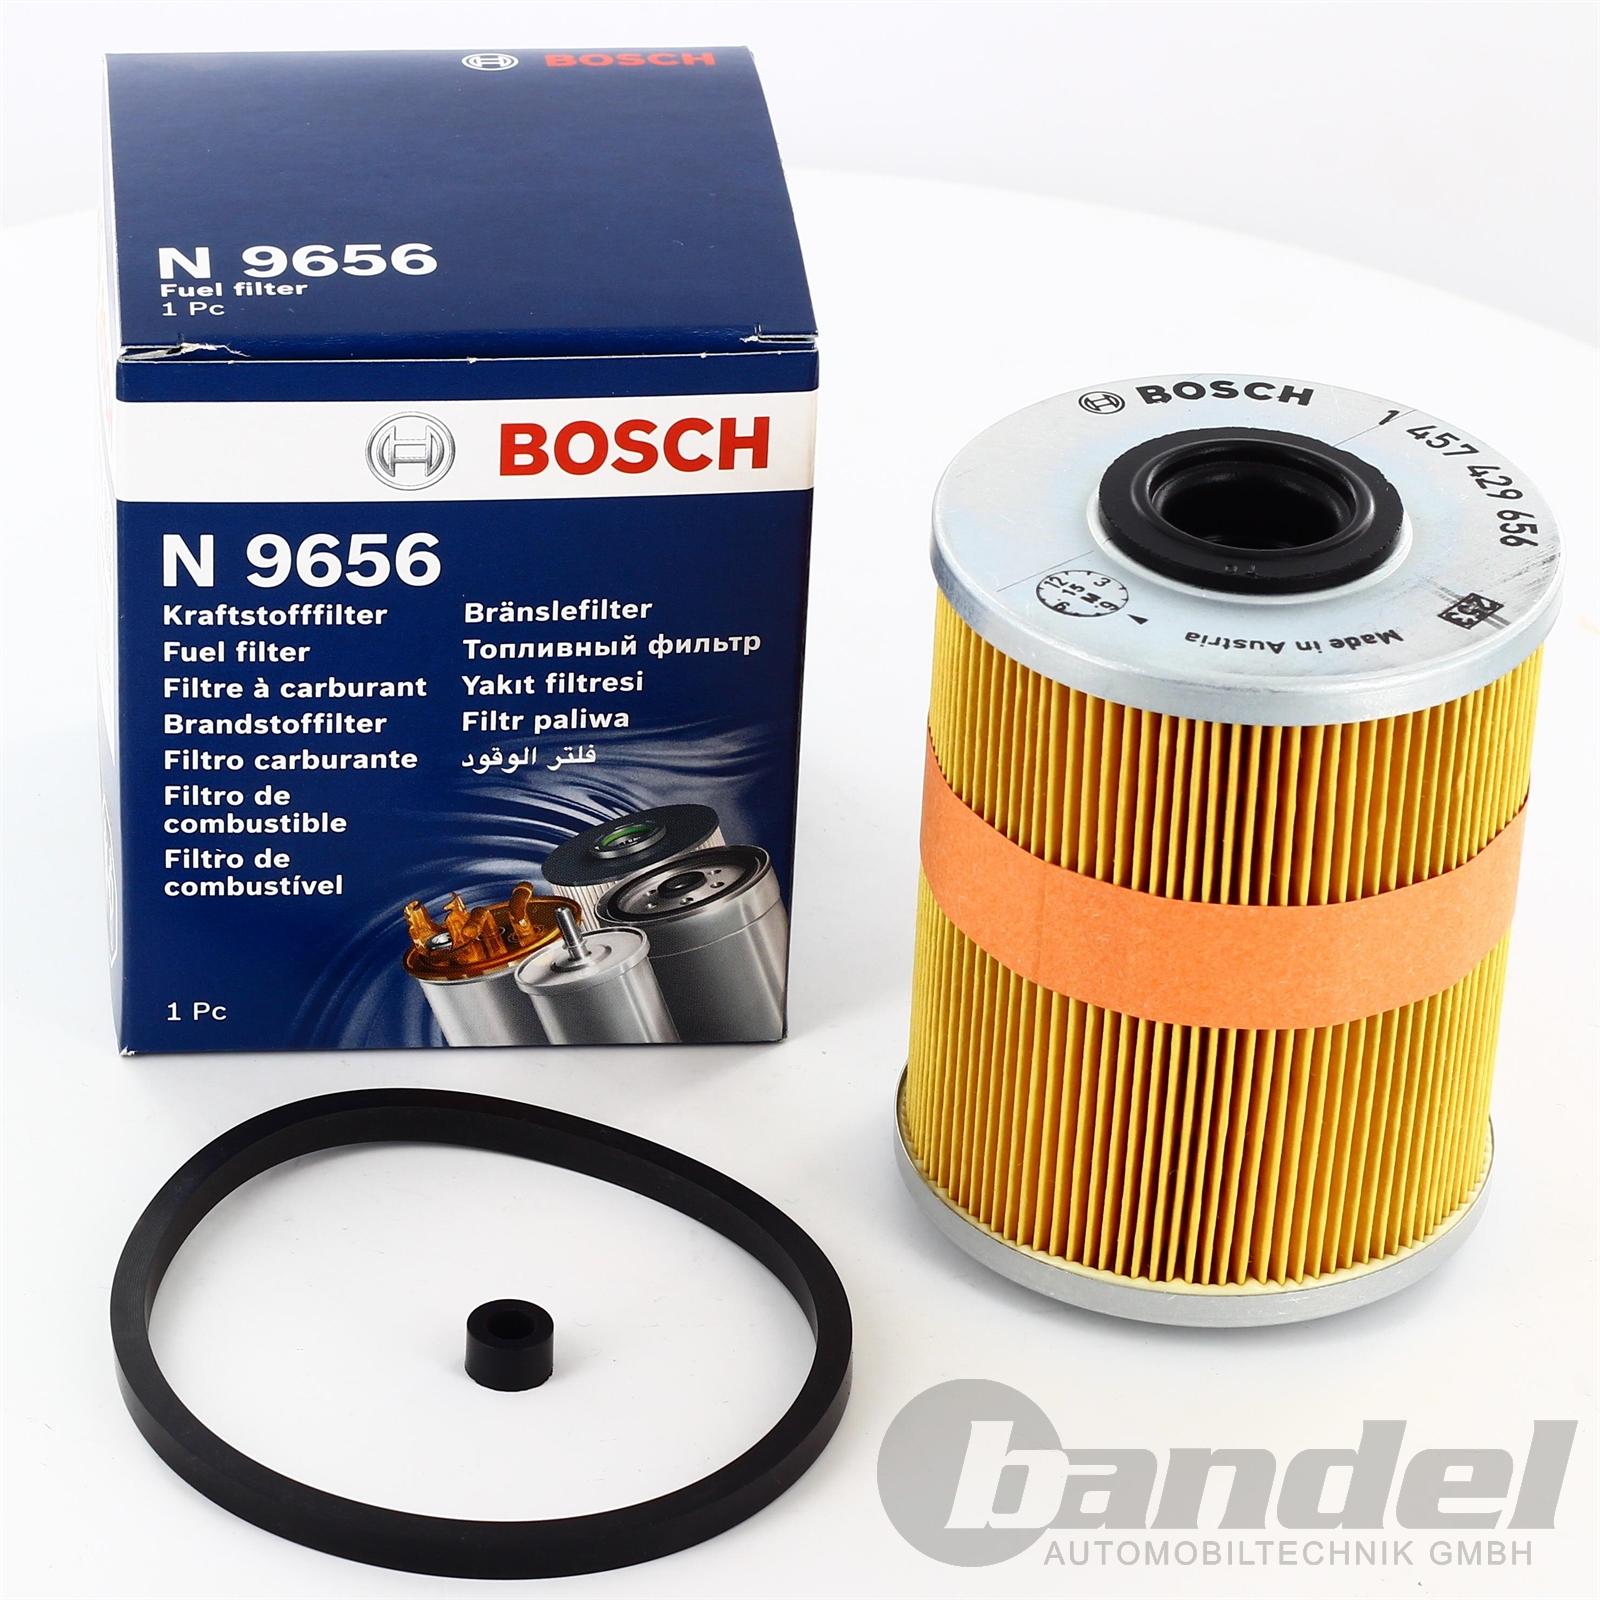 Bosch Kraftstoff Diesel Filter 1457429656 Opel Astra G Vectra B C Fuel Zafira Dti